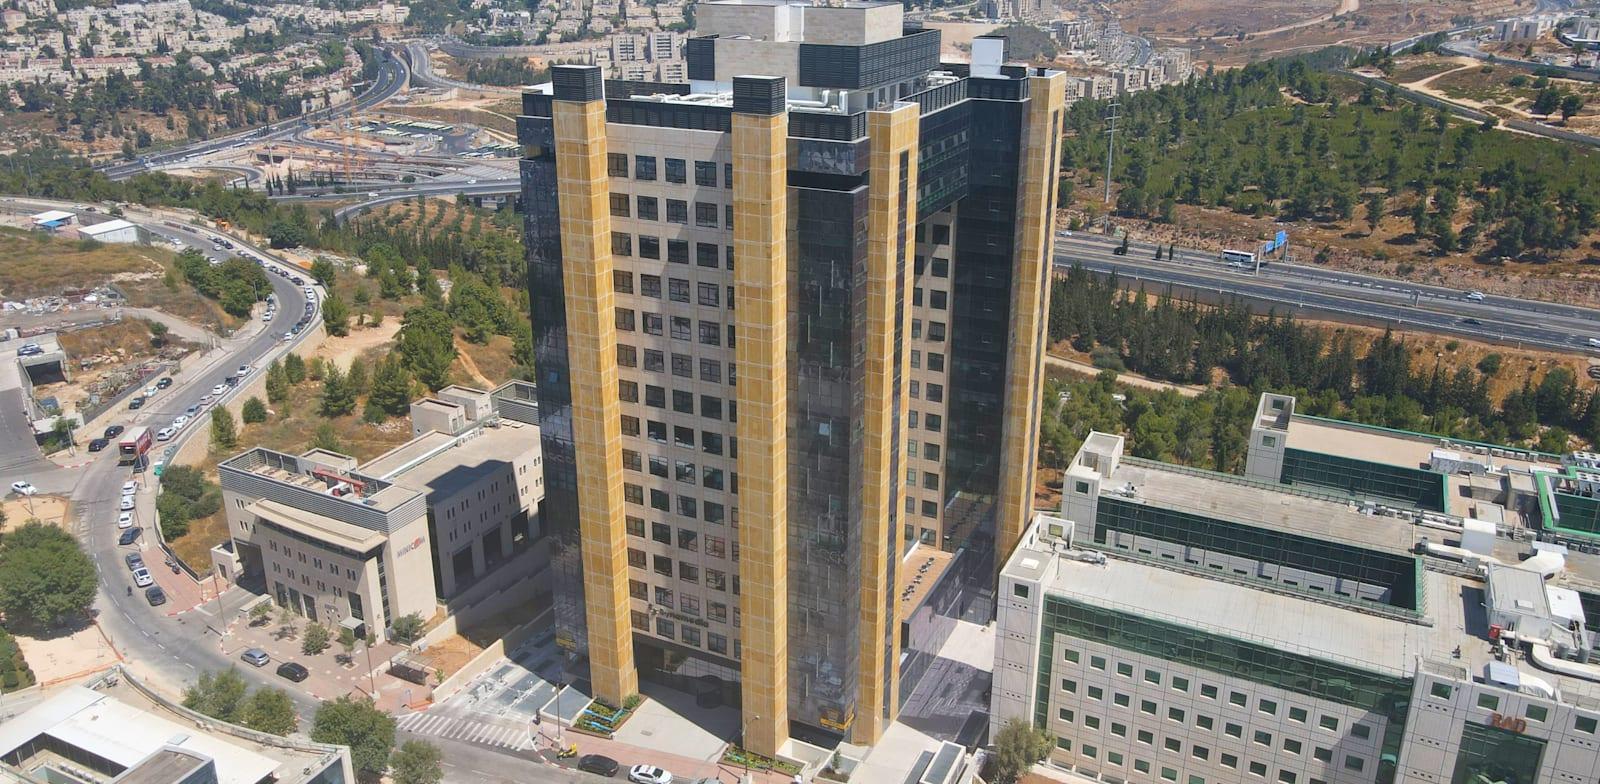 מגדל RAD Tower בהר חוצבים בירושלים / צילום: אביב קפילוטו